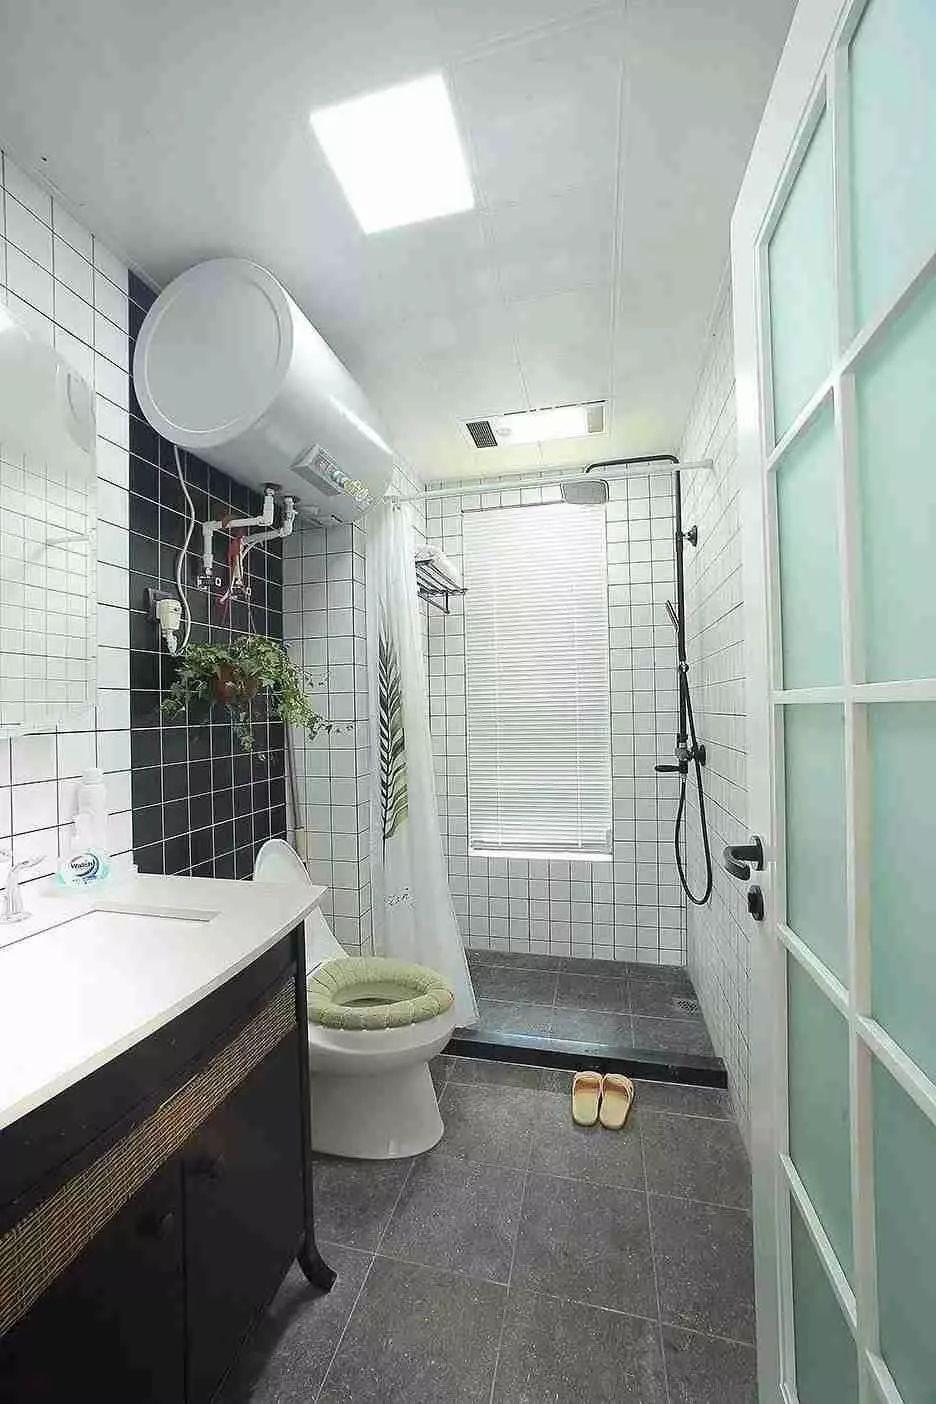 中小户型的卫生间,洗漱台 马桶 淋浴区要这样布局才合理